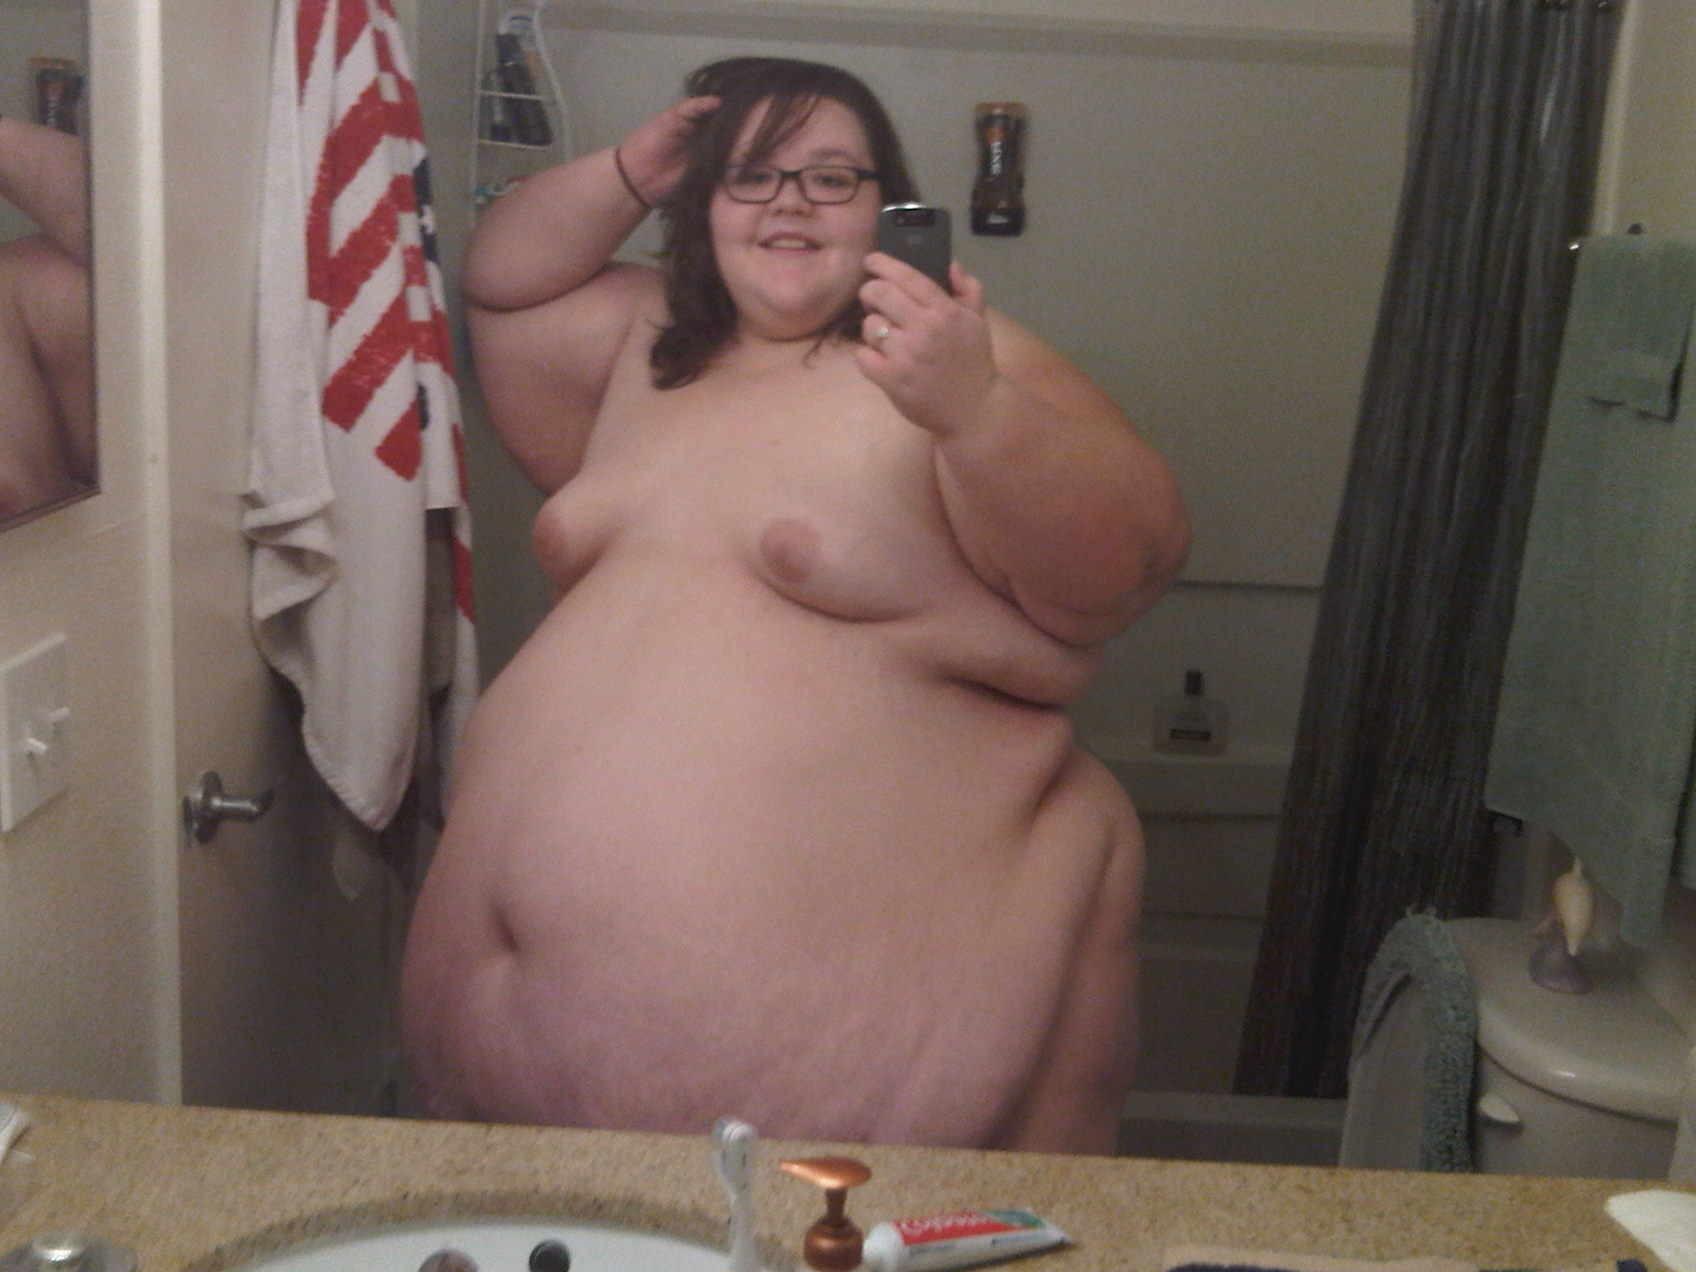 Фото самых страшных голых женщин в мире, Голые некрасивые женщины и девушки фото 14 фотография